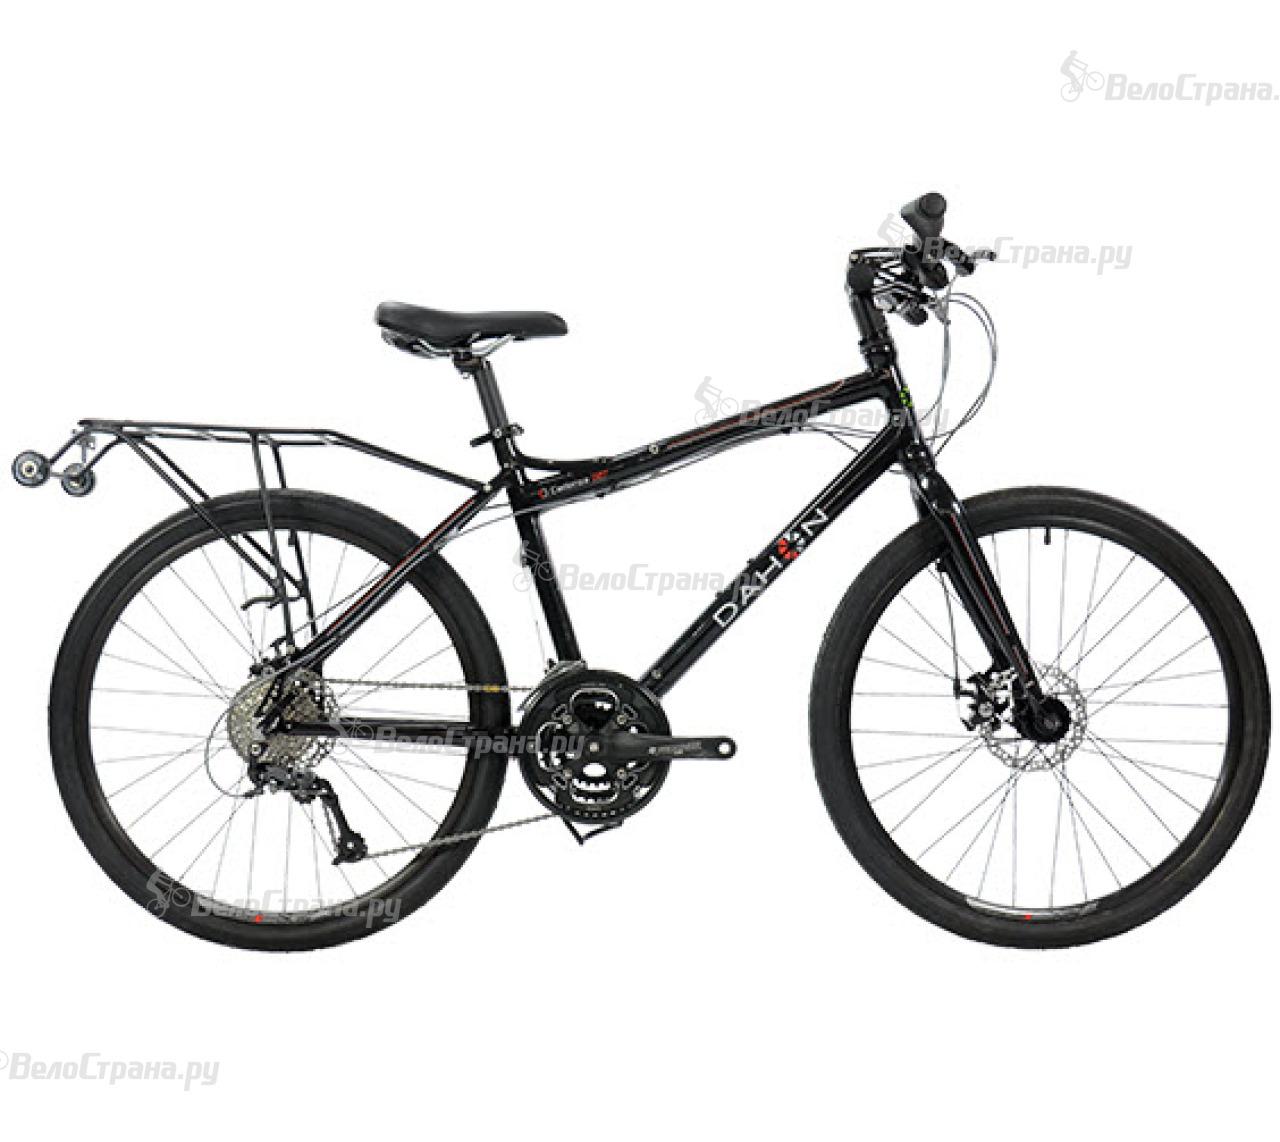 Велосипед Dahon Cadenza D27 (2016) велосипед dahon ciao d7 2015